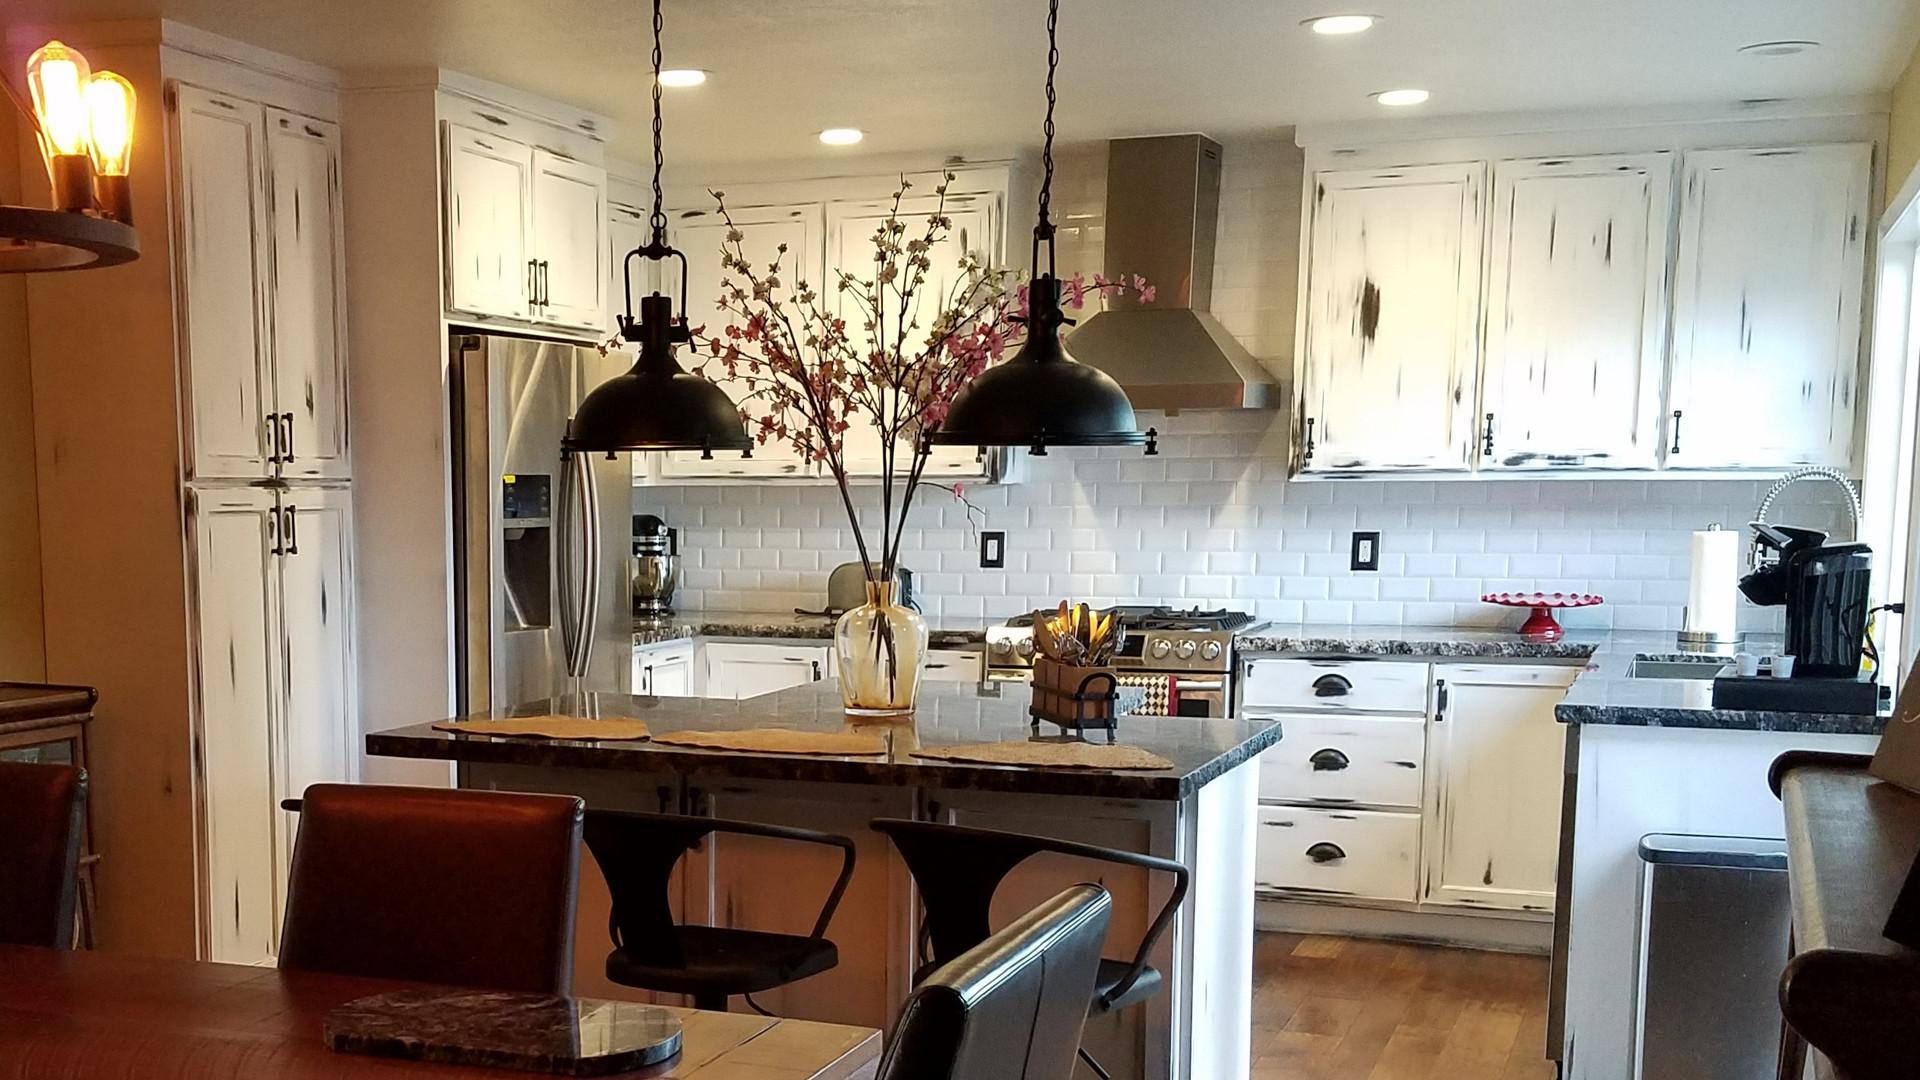 Bayless Kitchen Revised 1.jpg